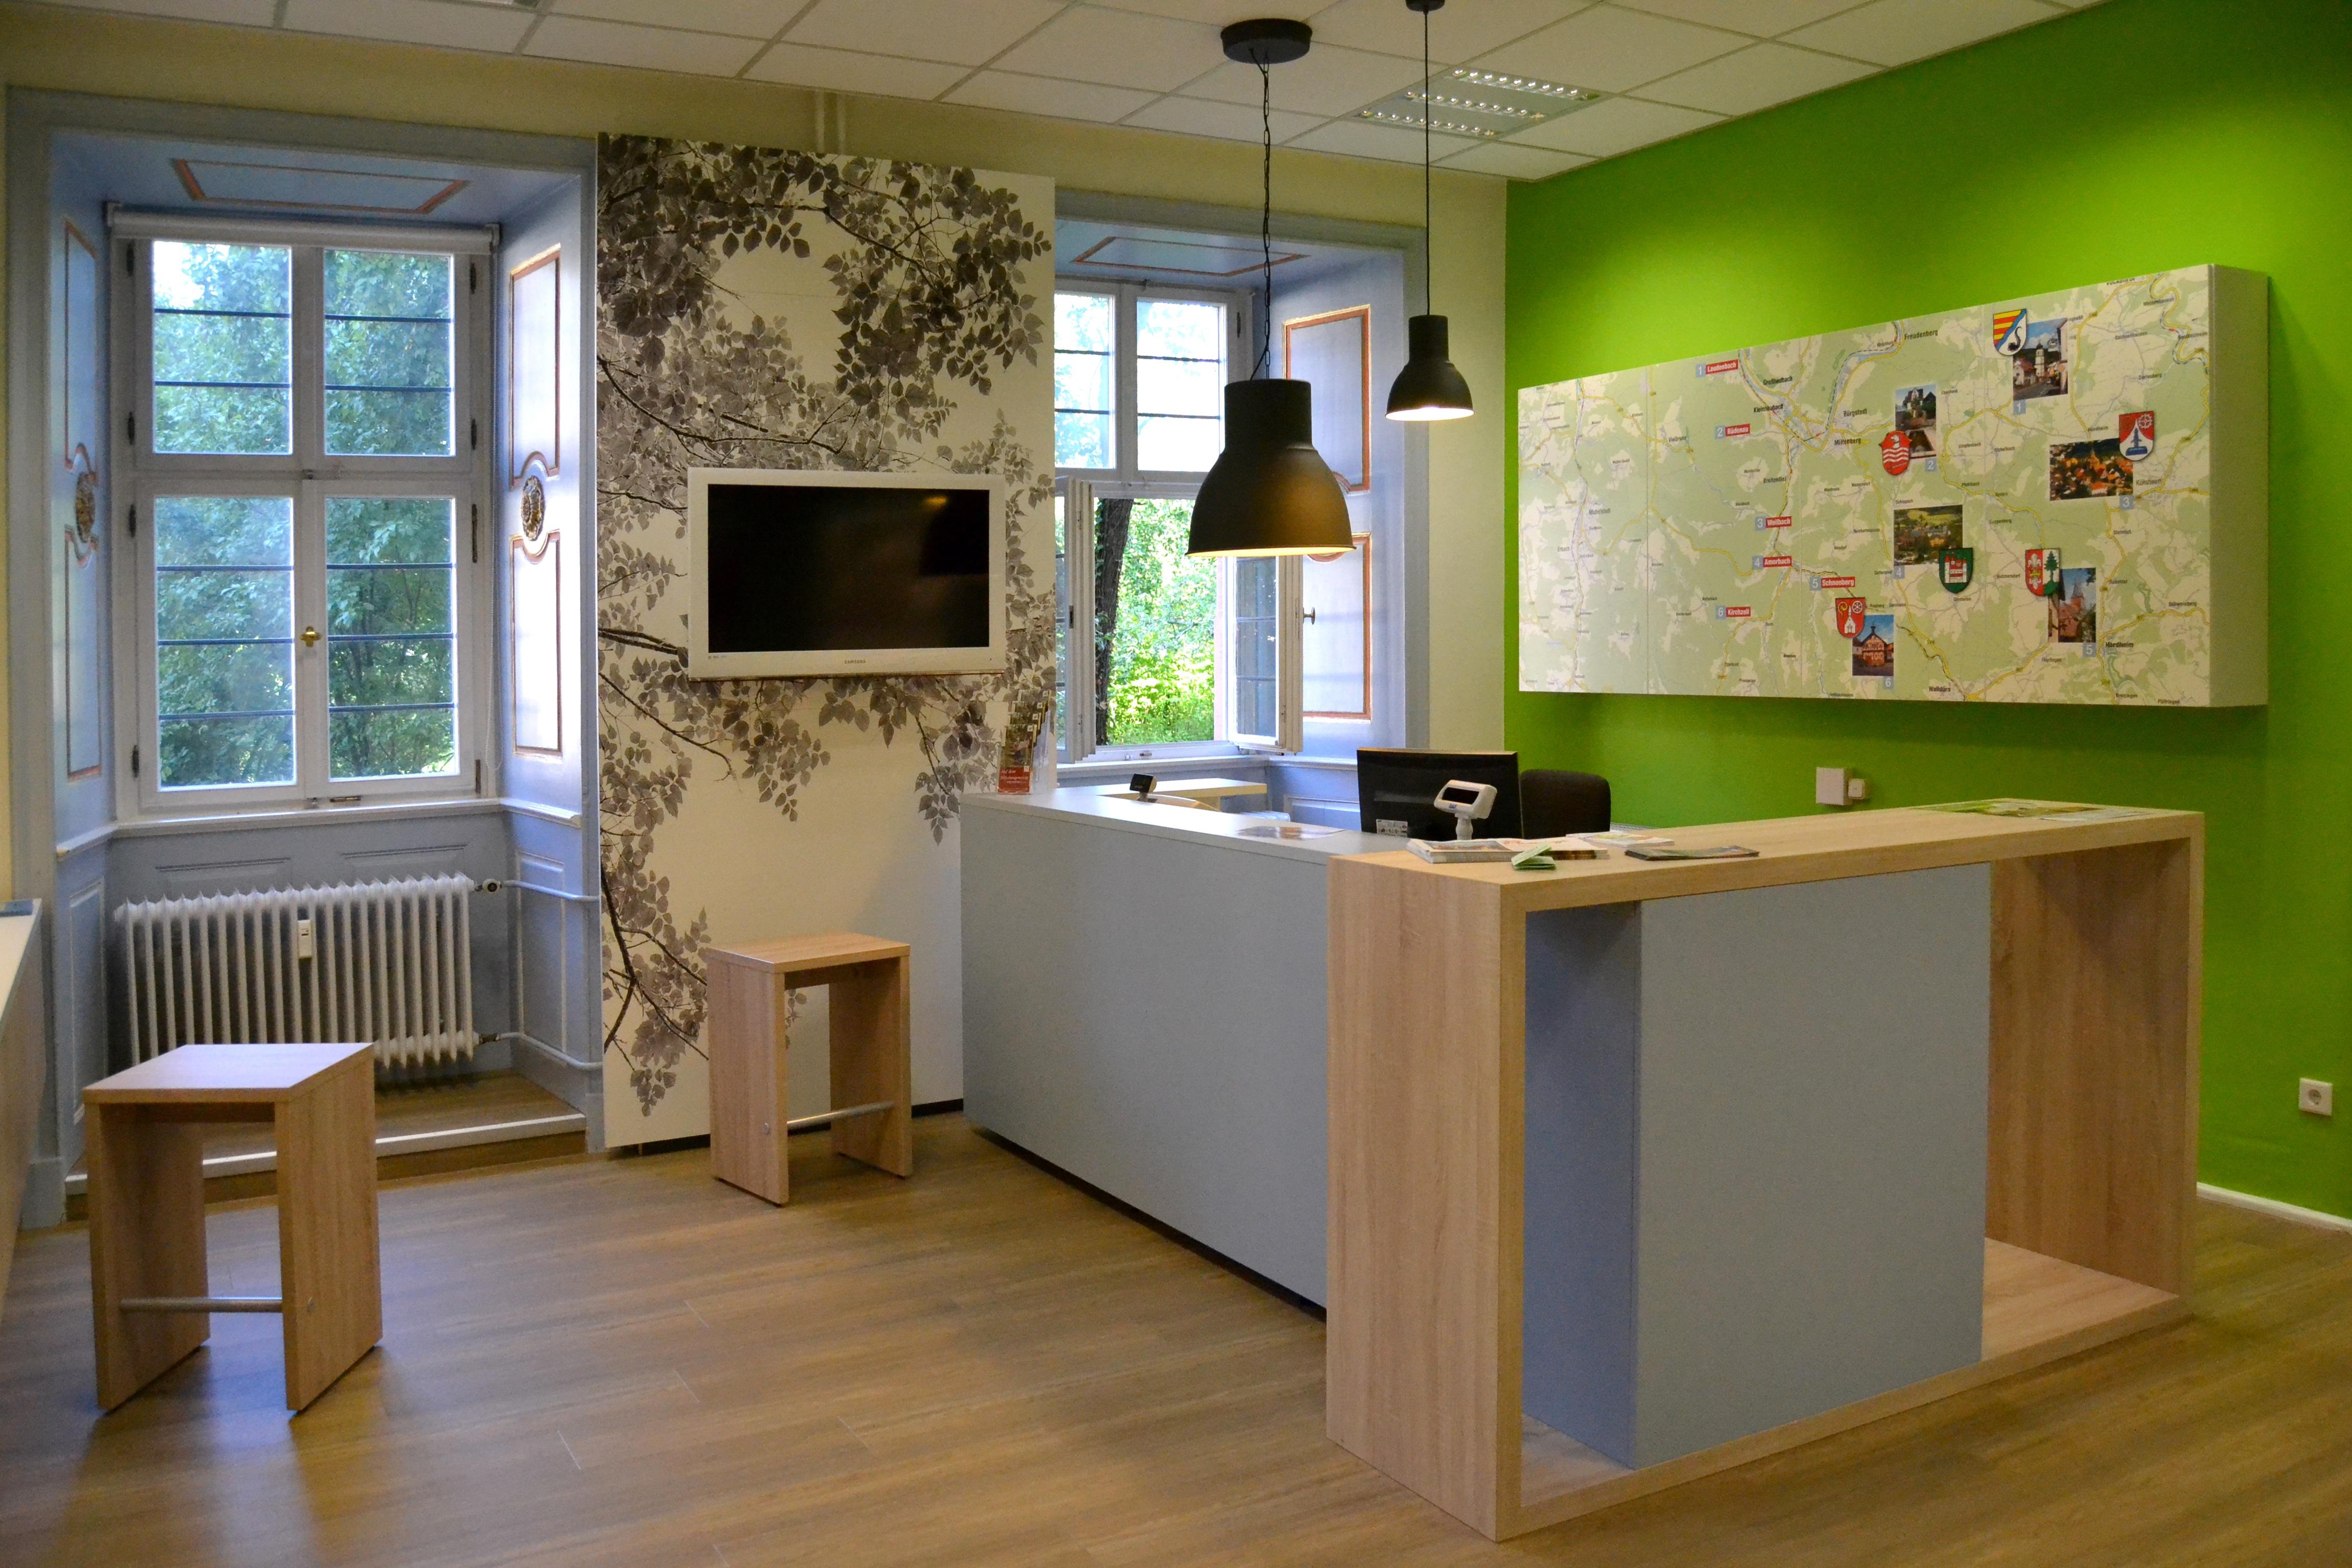 Fotos Gratis Madera Piso Casa Verde Oficina Propiedad Sala